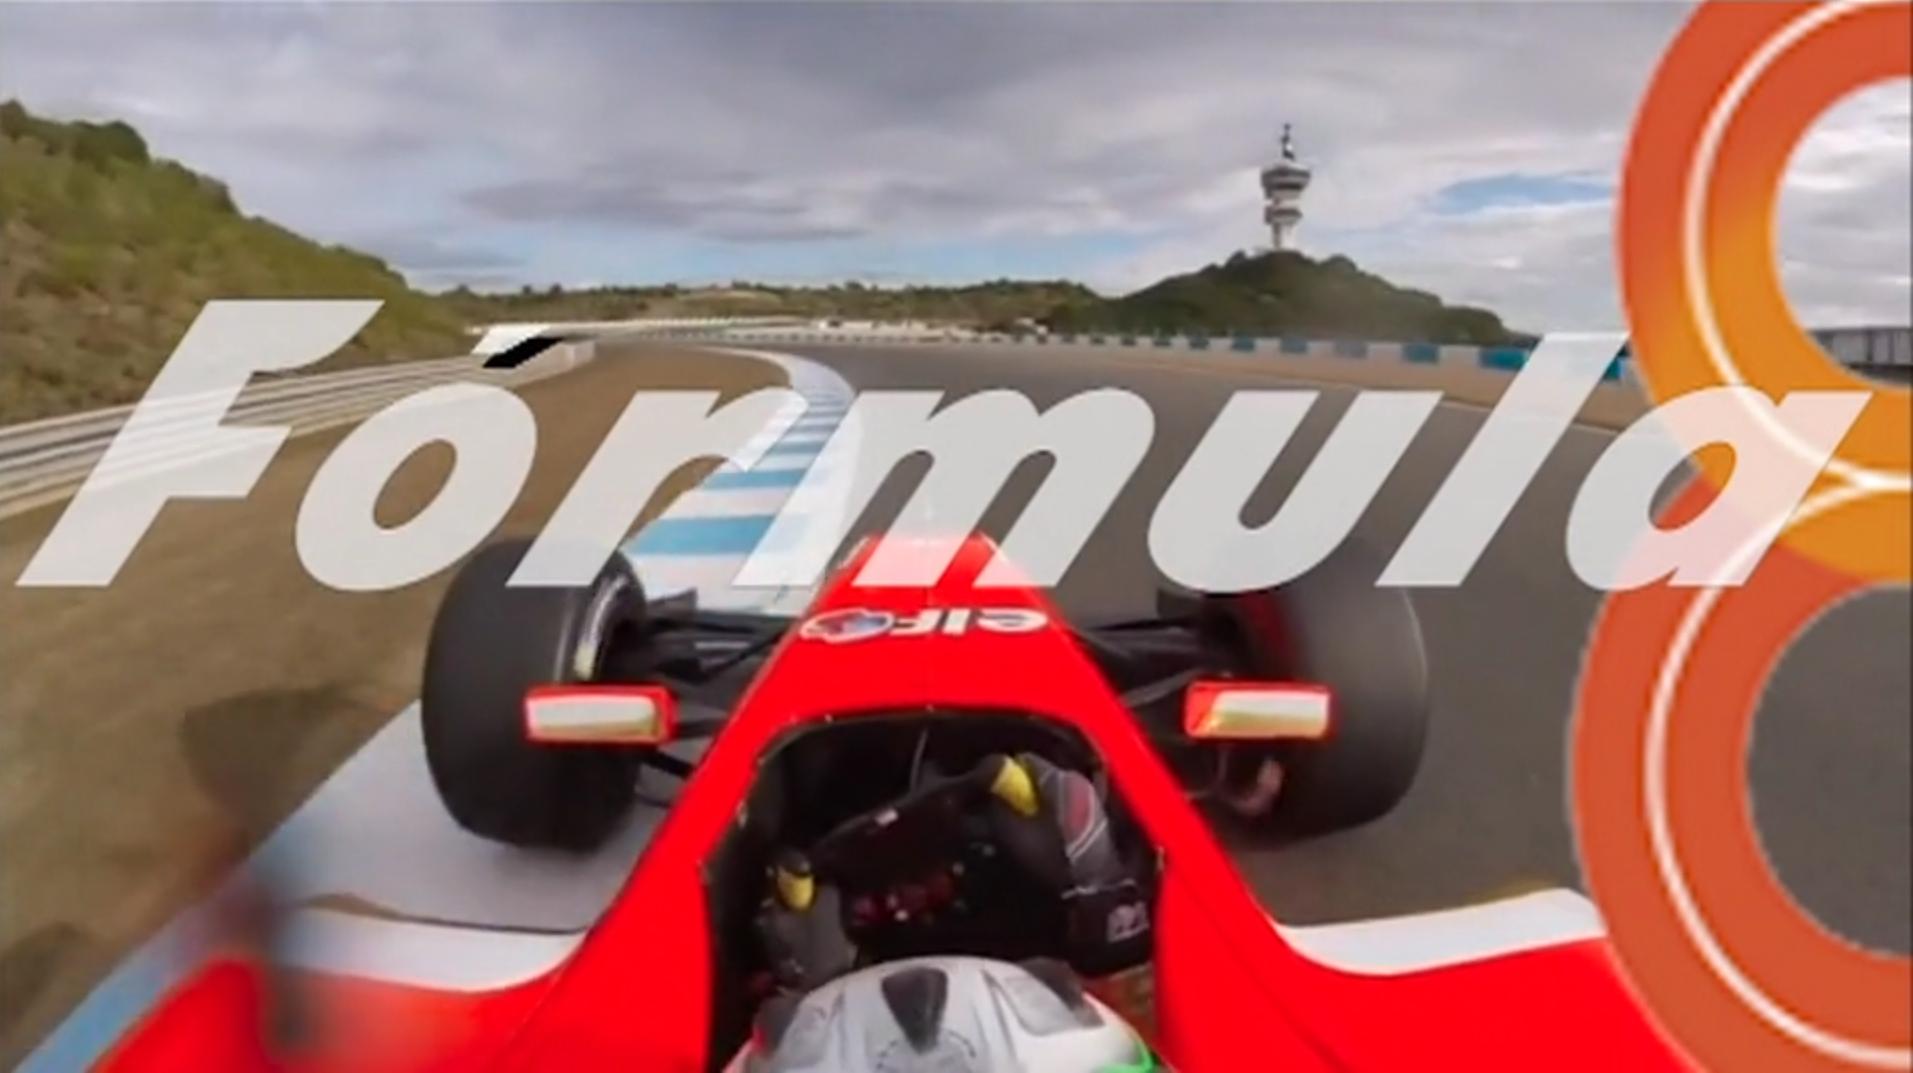 Fórmula 8 Jueves 12 Marzo 2020 (segunda parte)